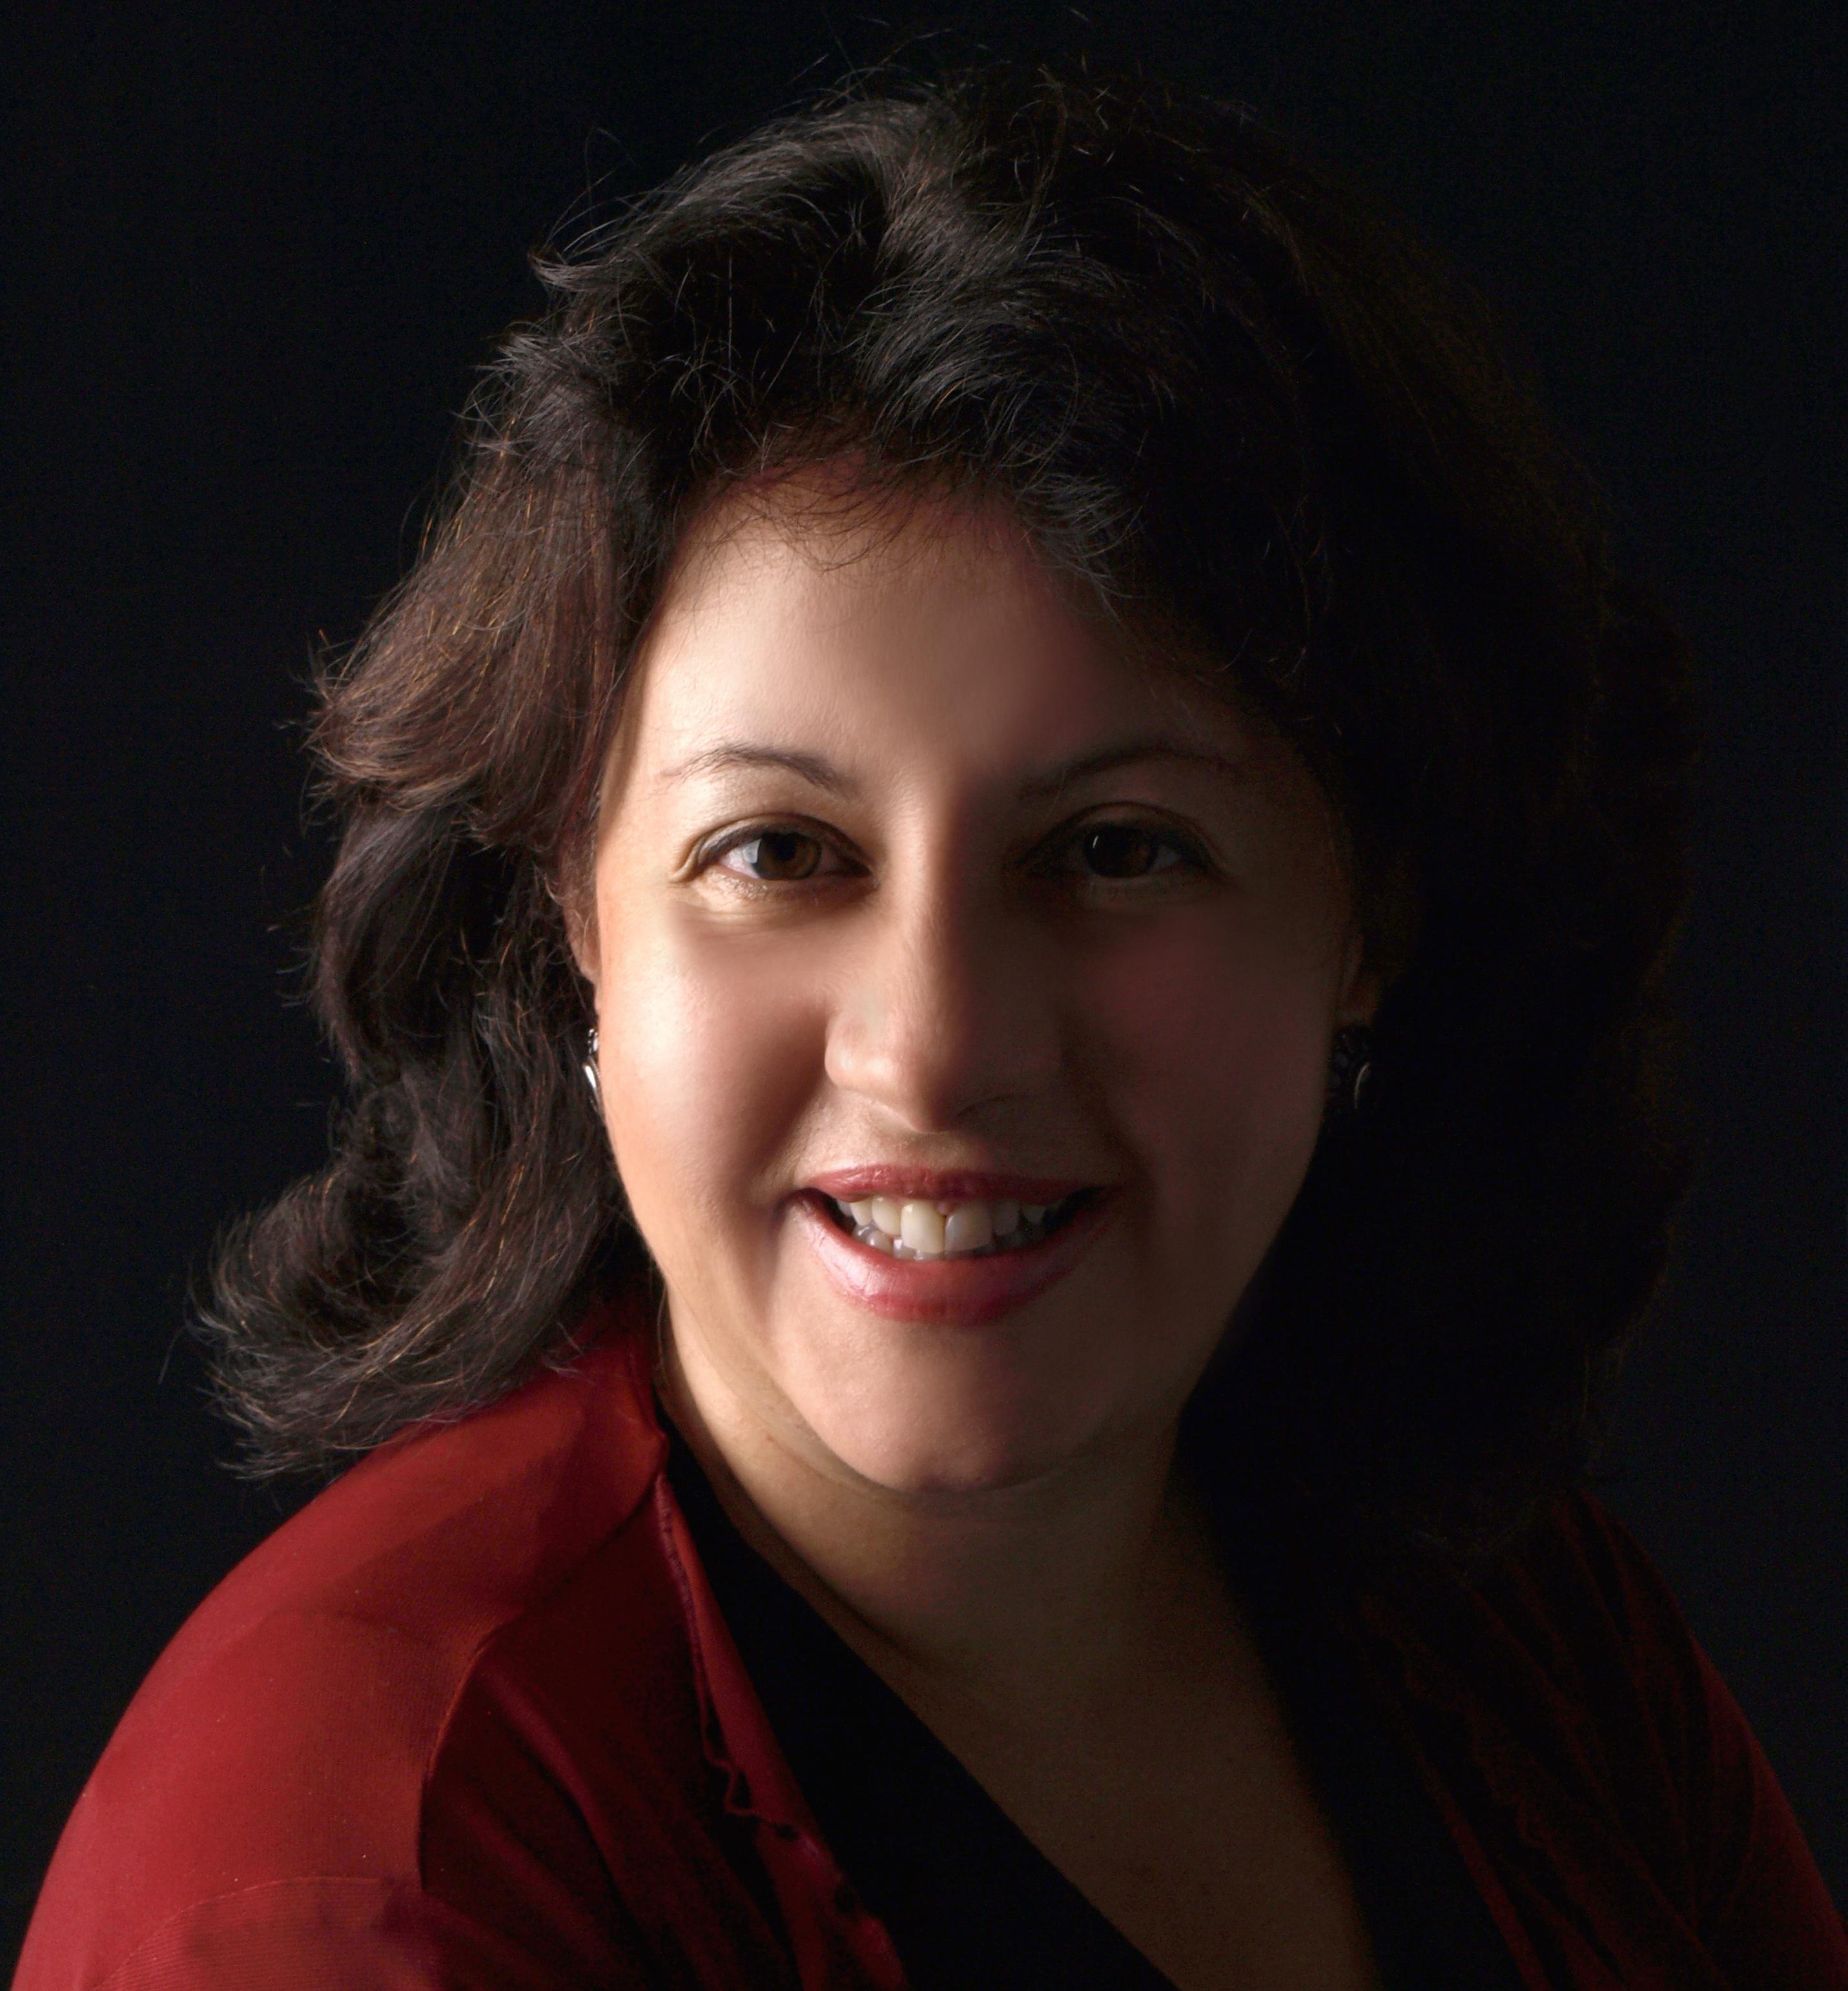 Pearl Eliadis, avocate et auteure de Speaking out on Human Rights. | Photo par Pearl Eliadis